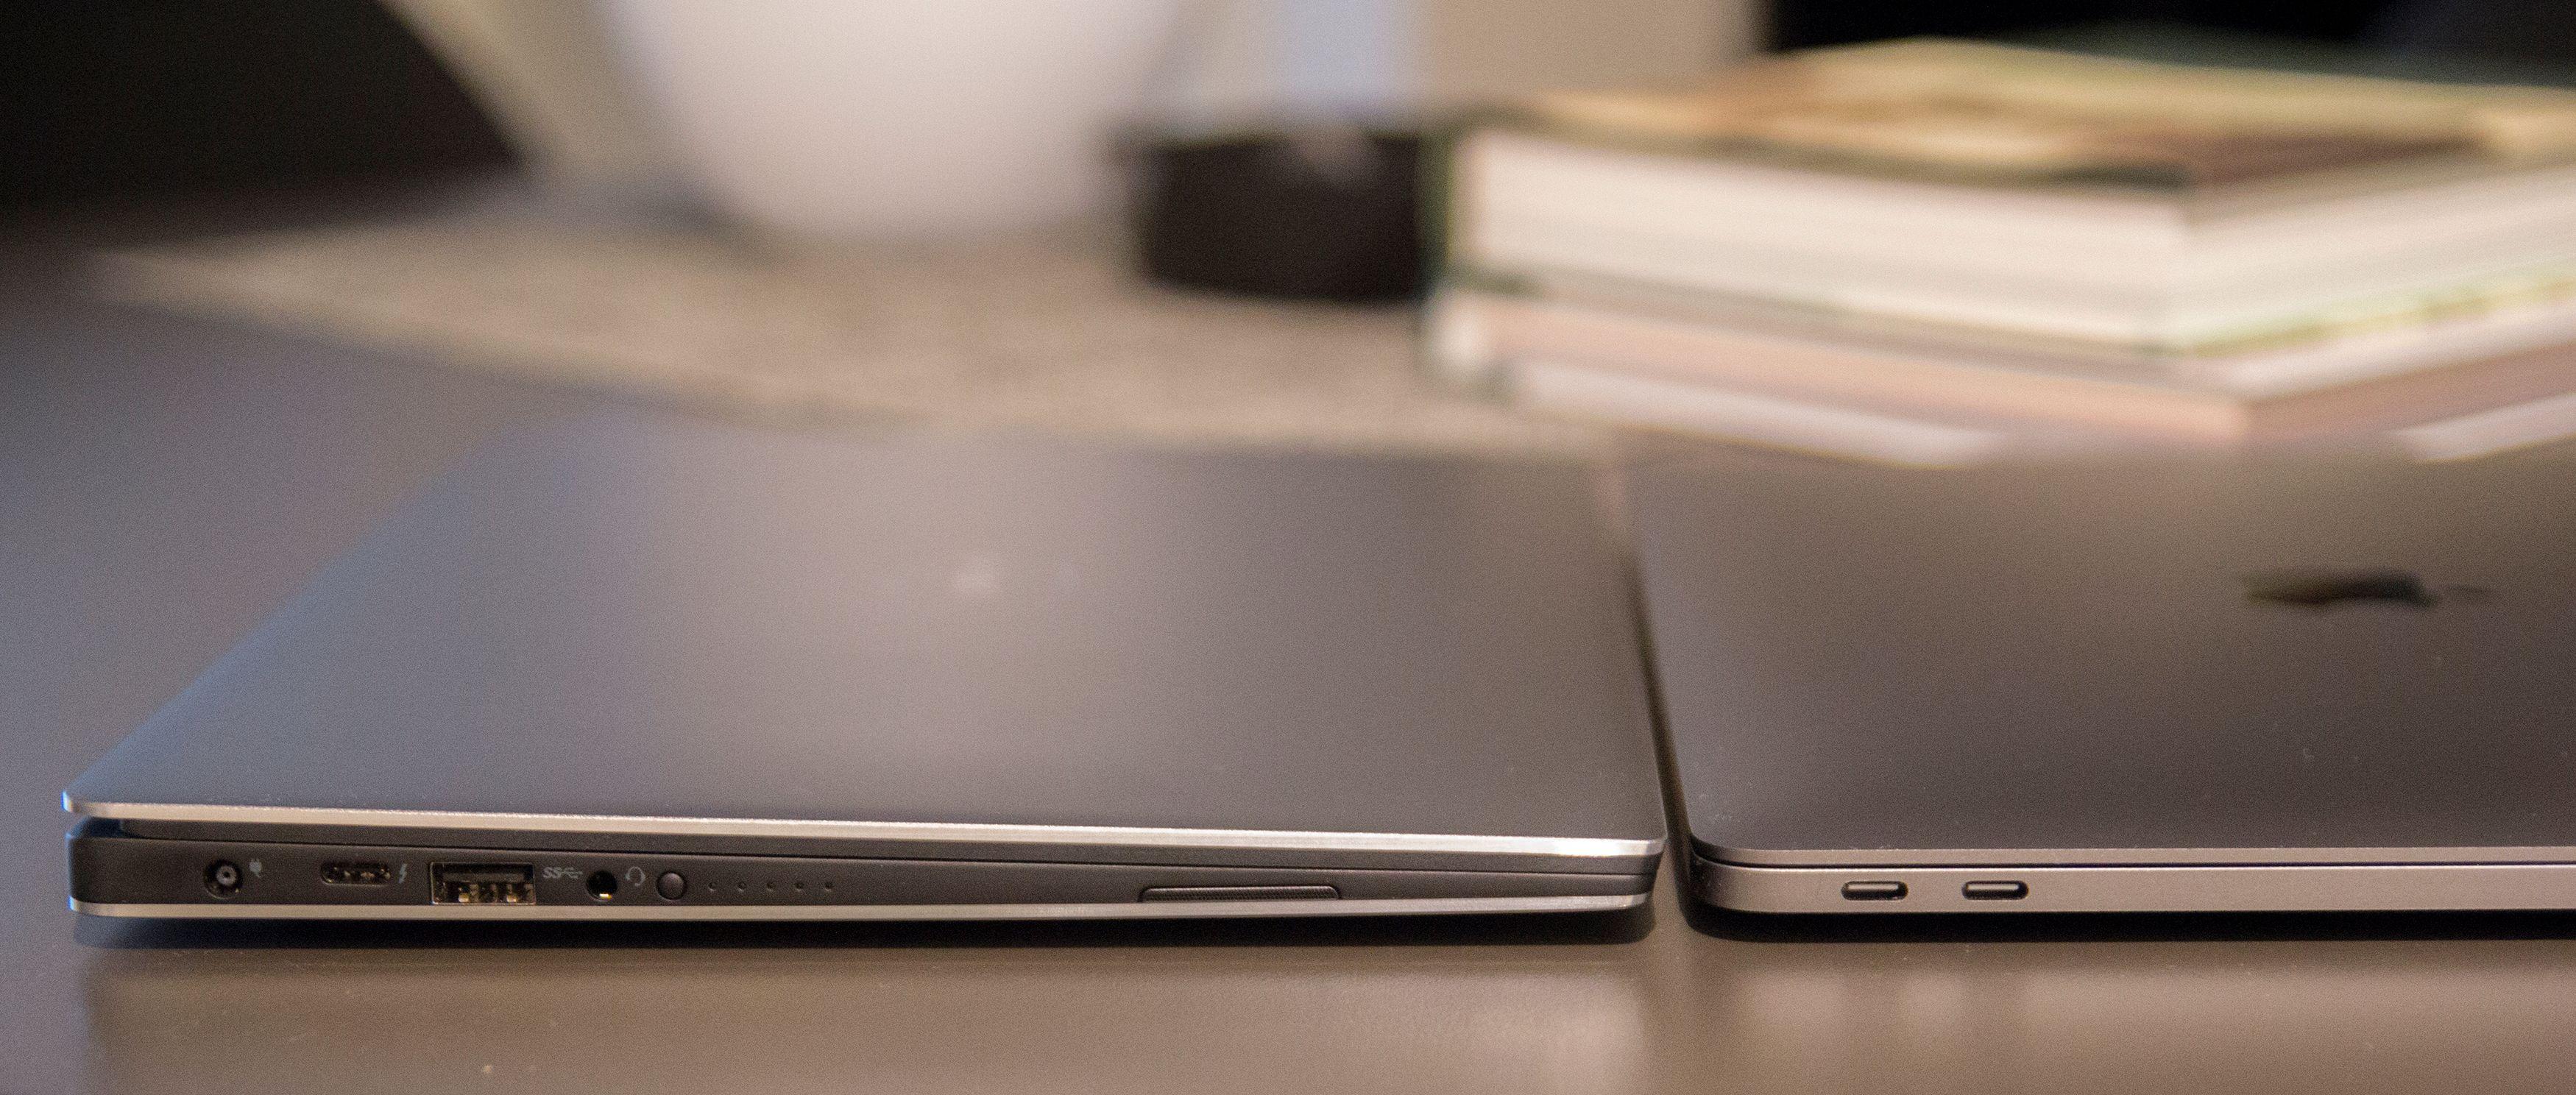 Mens XPS 13 skjuler flere porter også på andre siden, byr MacBook Pro kun på en utgang for hodetelefoner der.